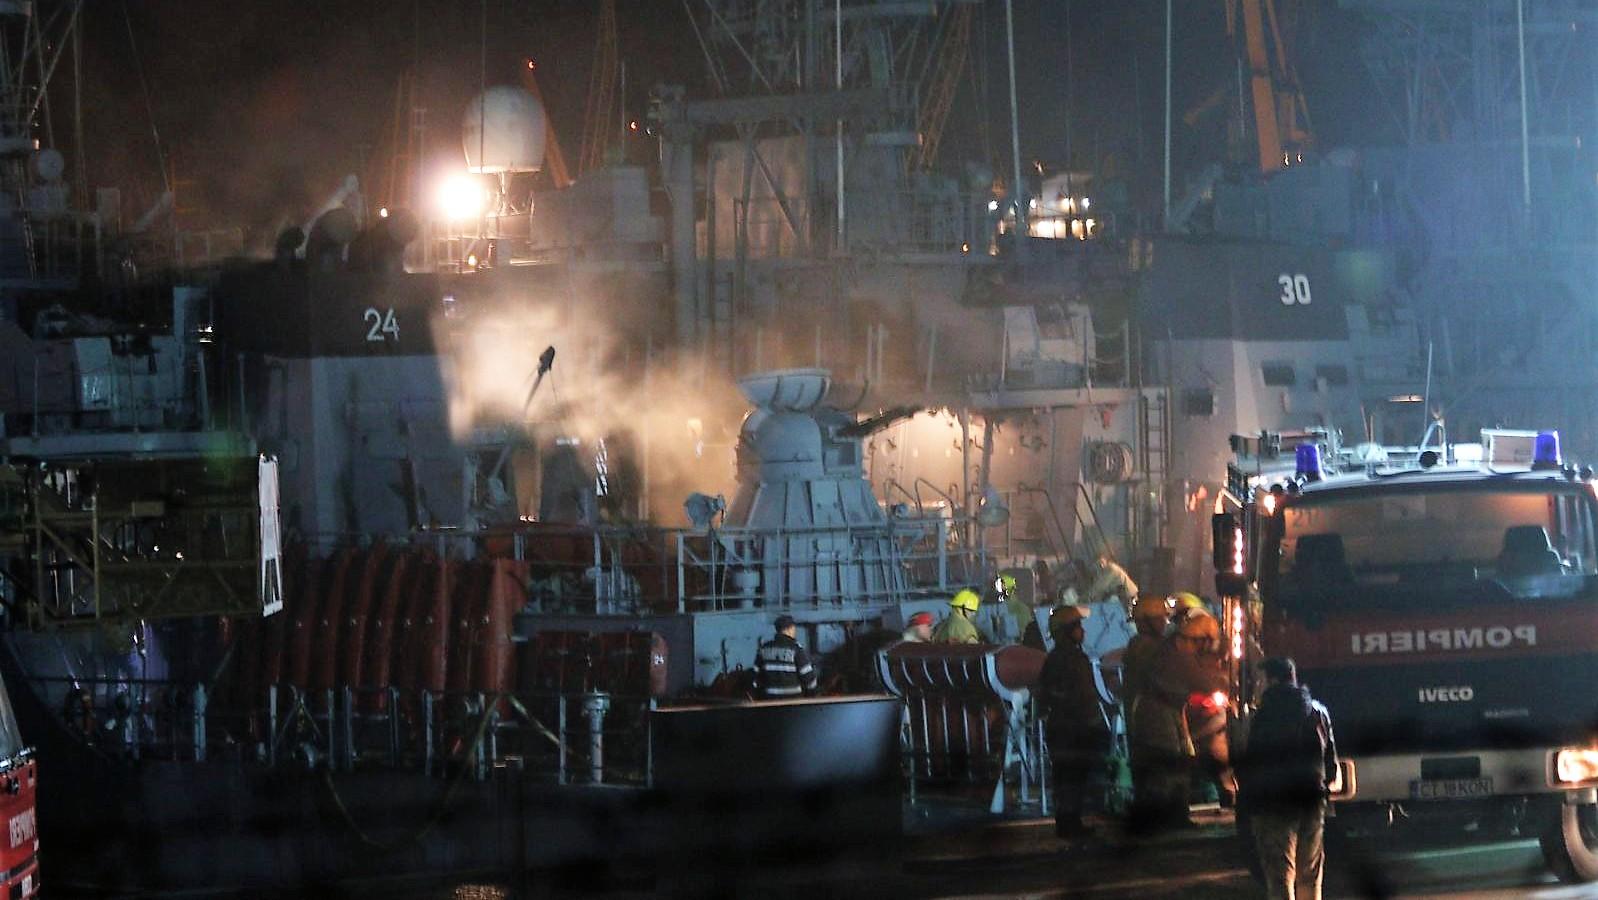 Flăcări la bordul unei nave militare din Portul Constanţa / MApN: O comisie va analiza cauzele producerii incendiului